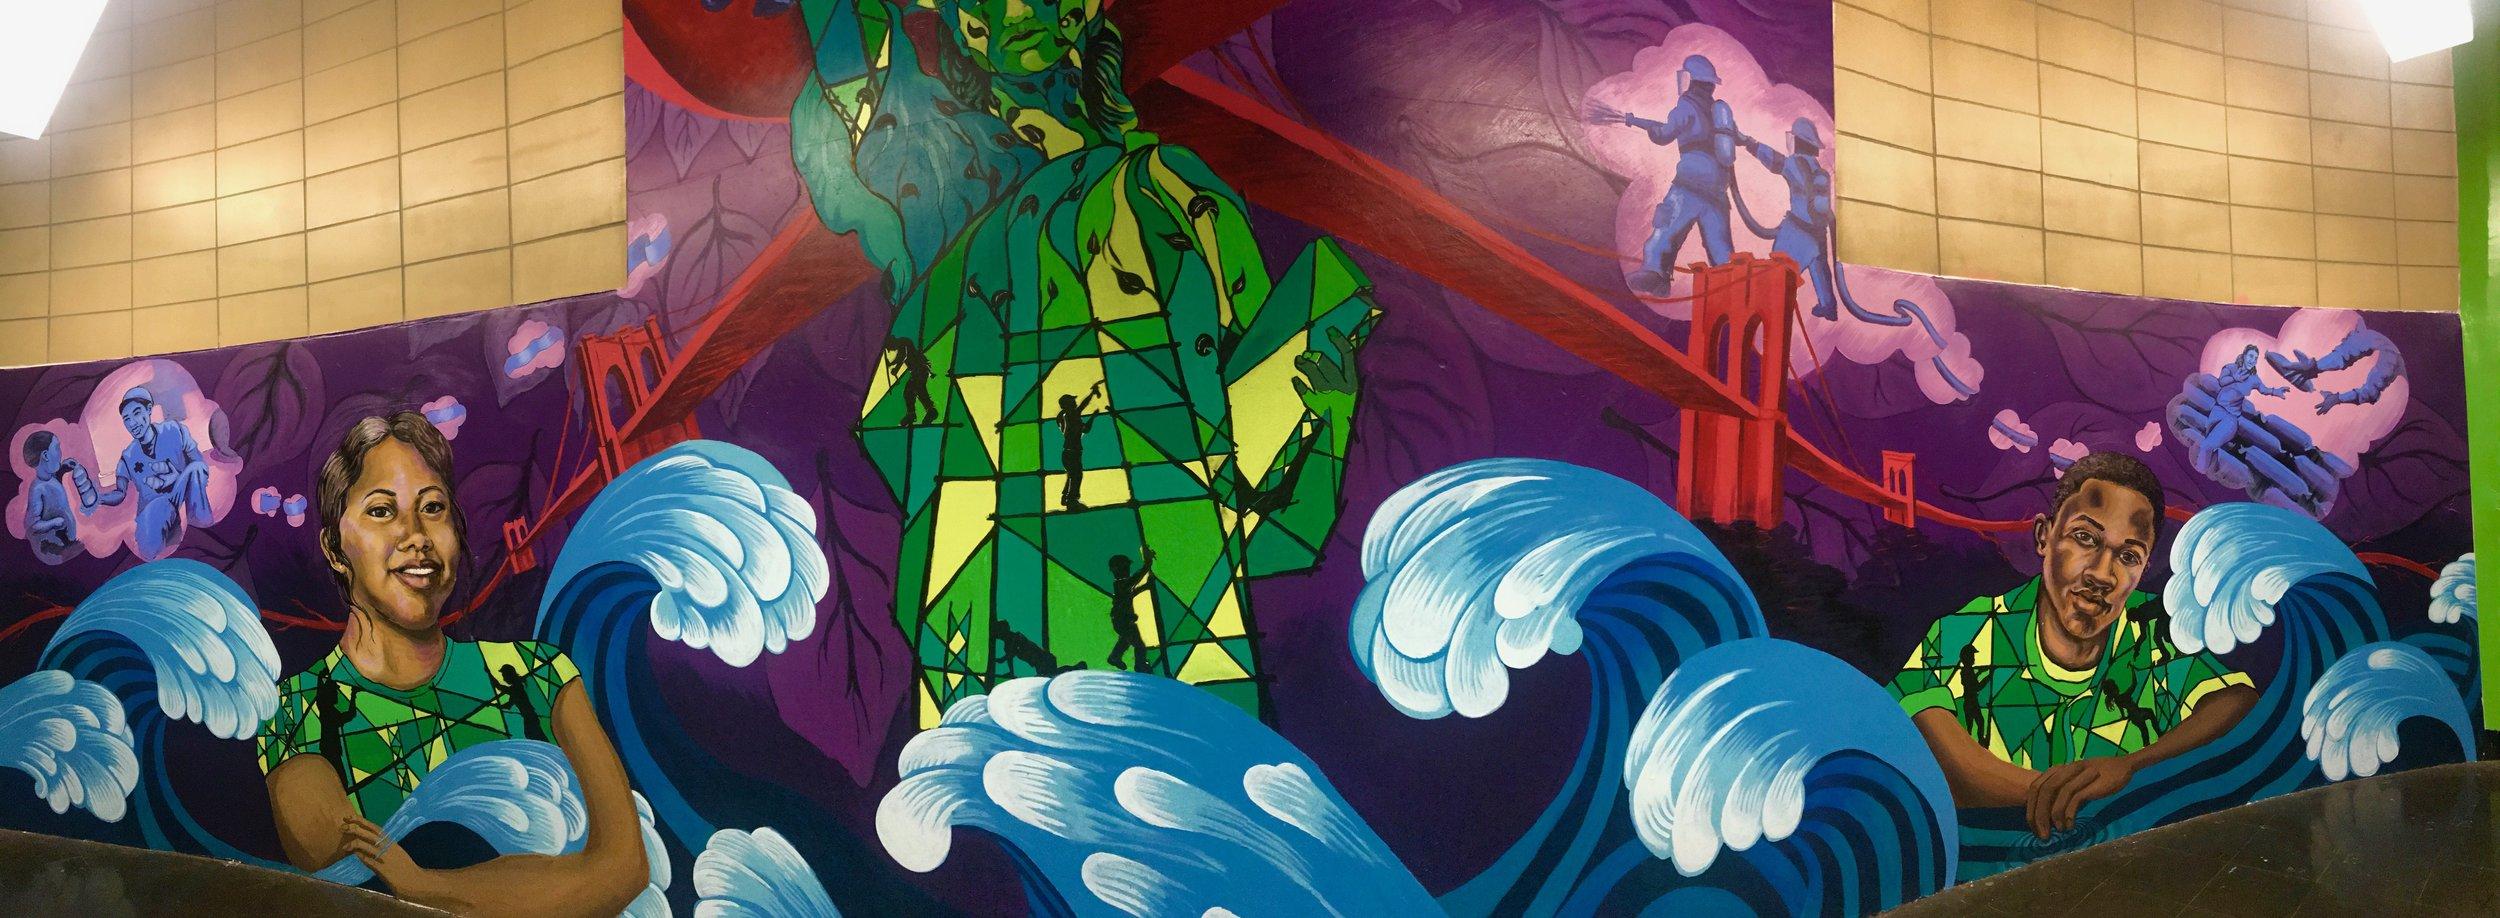 UASEM Groundswell Mural.jpg